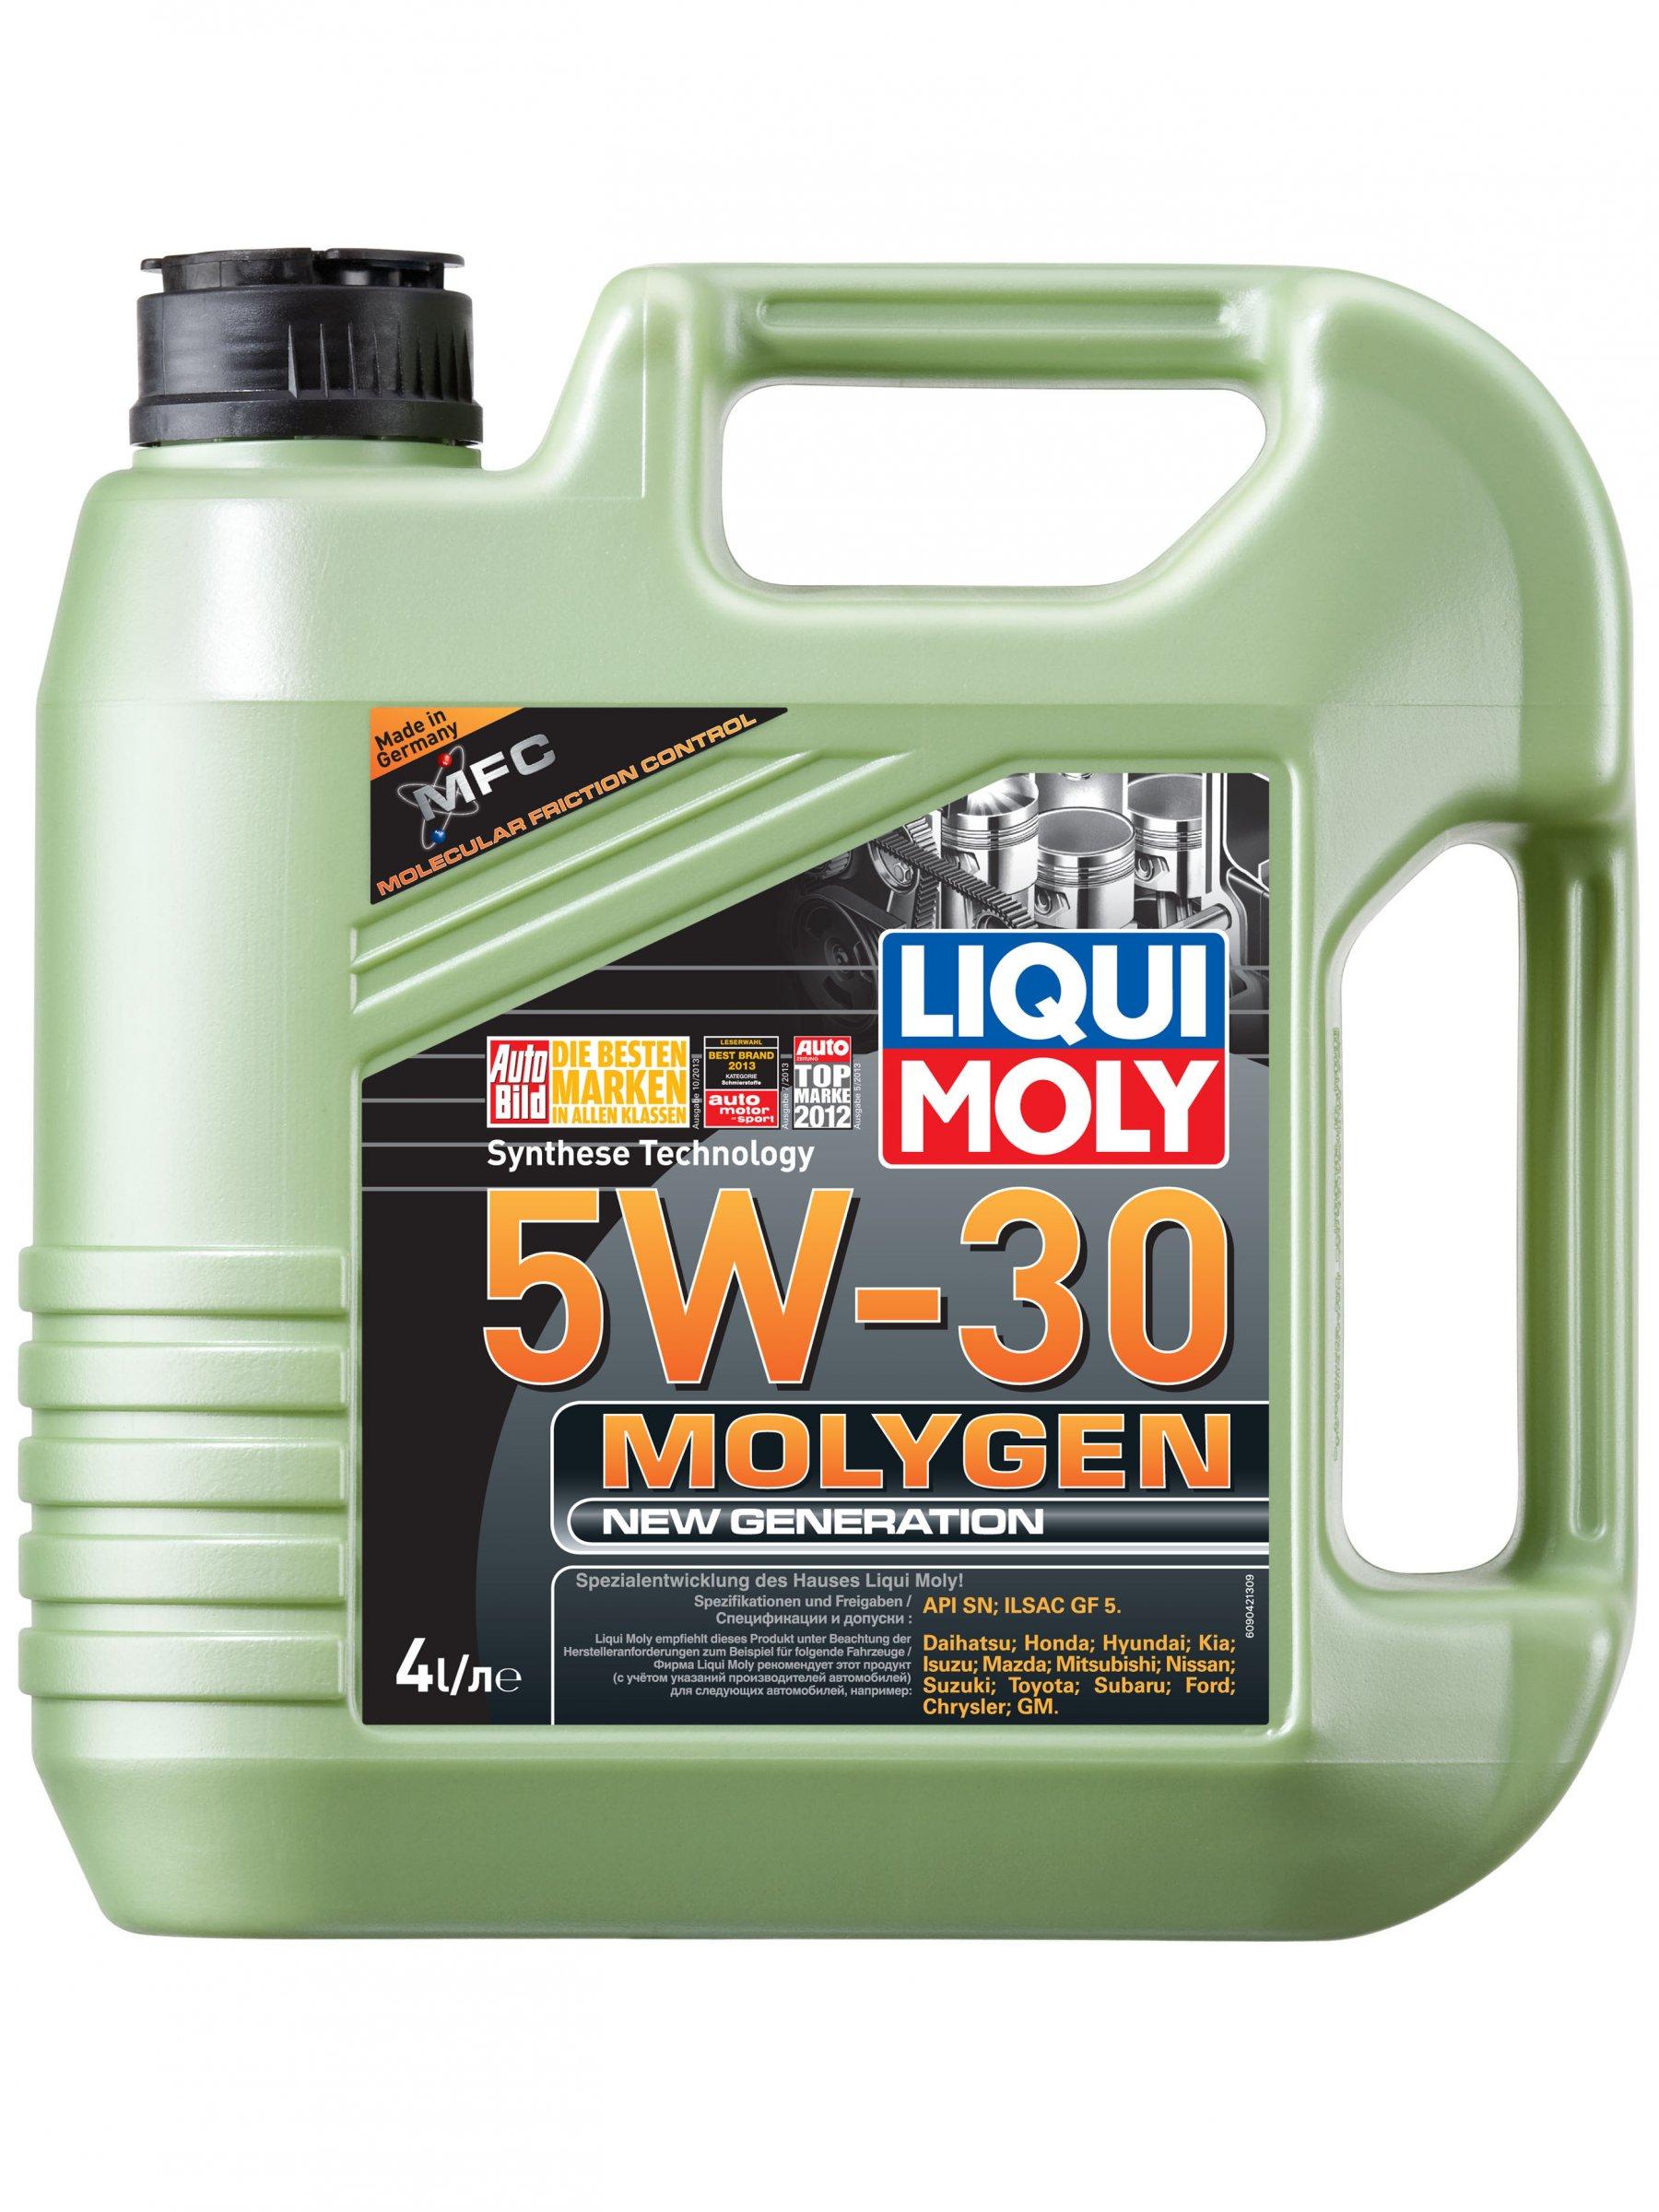 Liqui Moly Molygen 5w-30